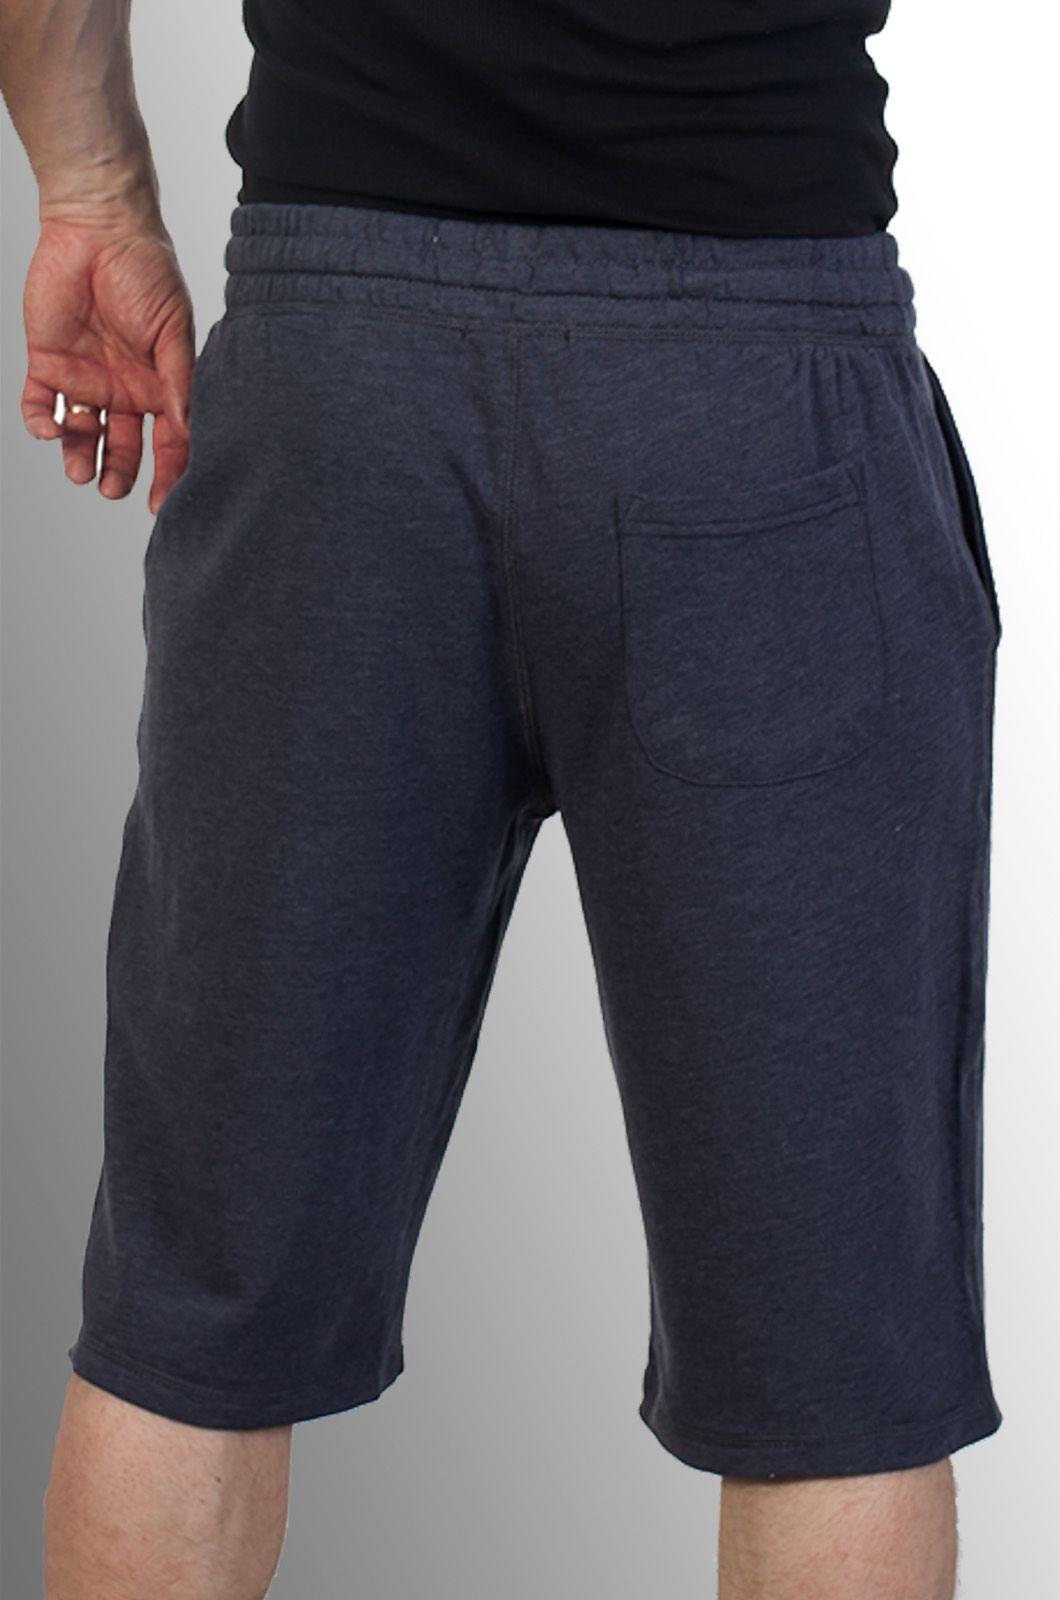 Спортивные шорты для мужчин - новая коллекция